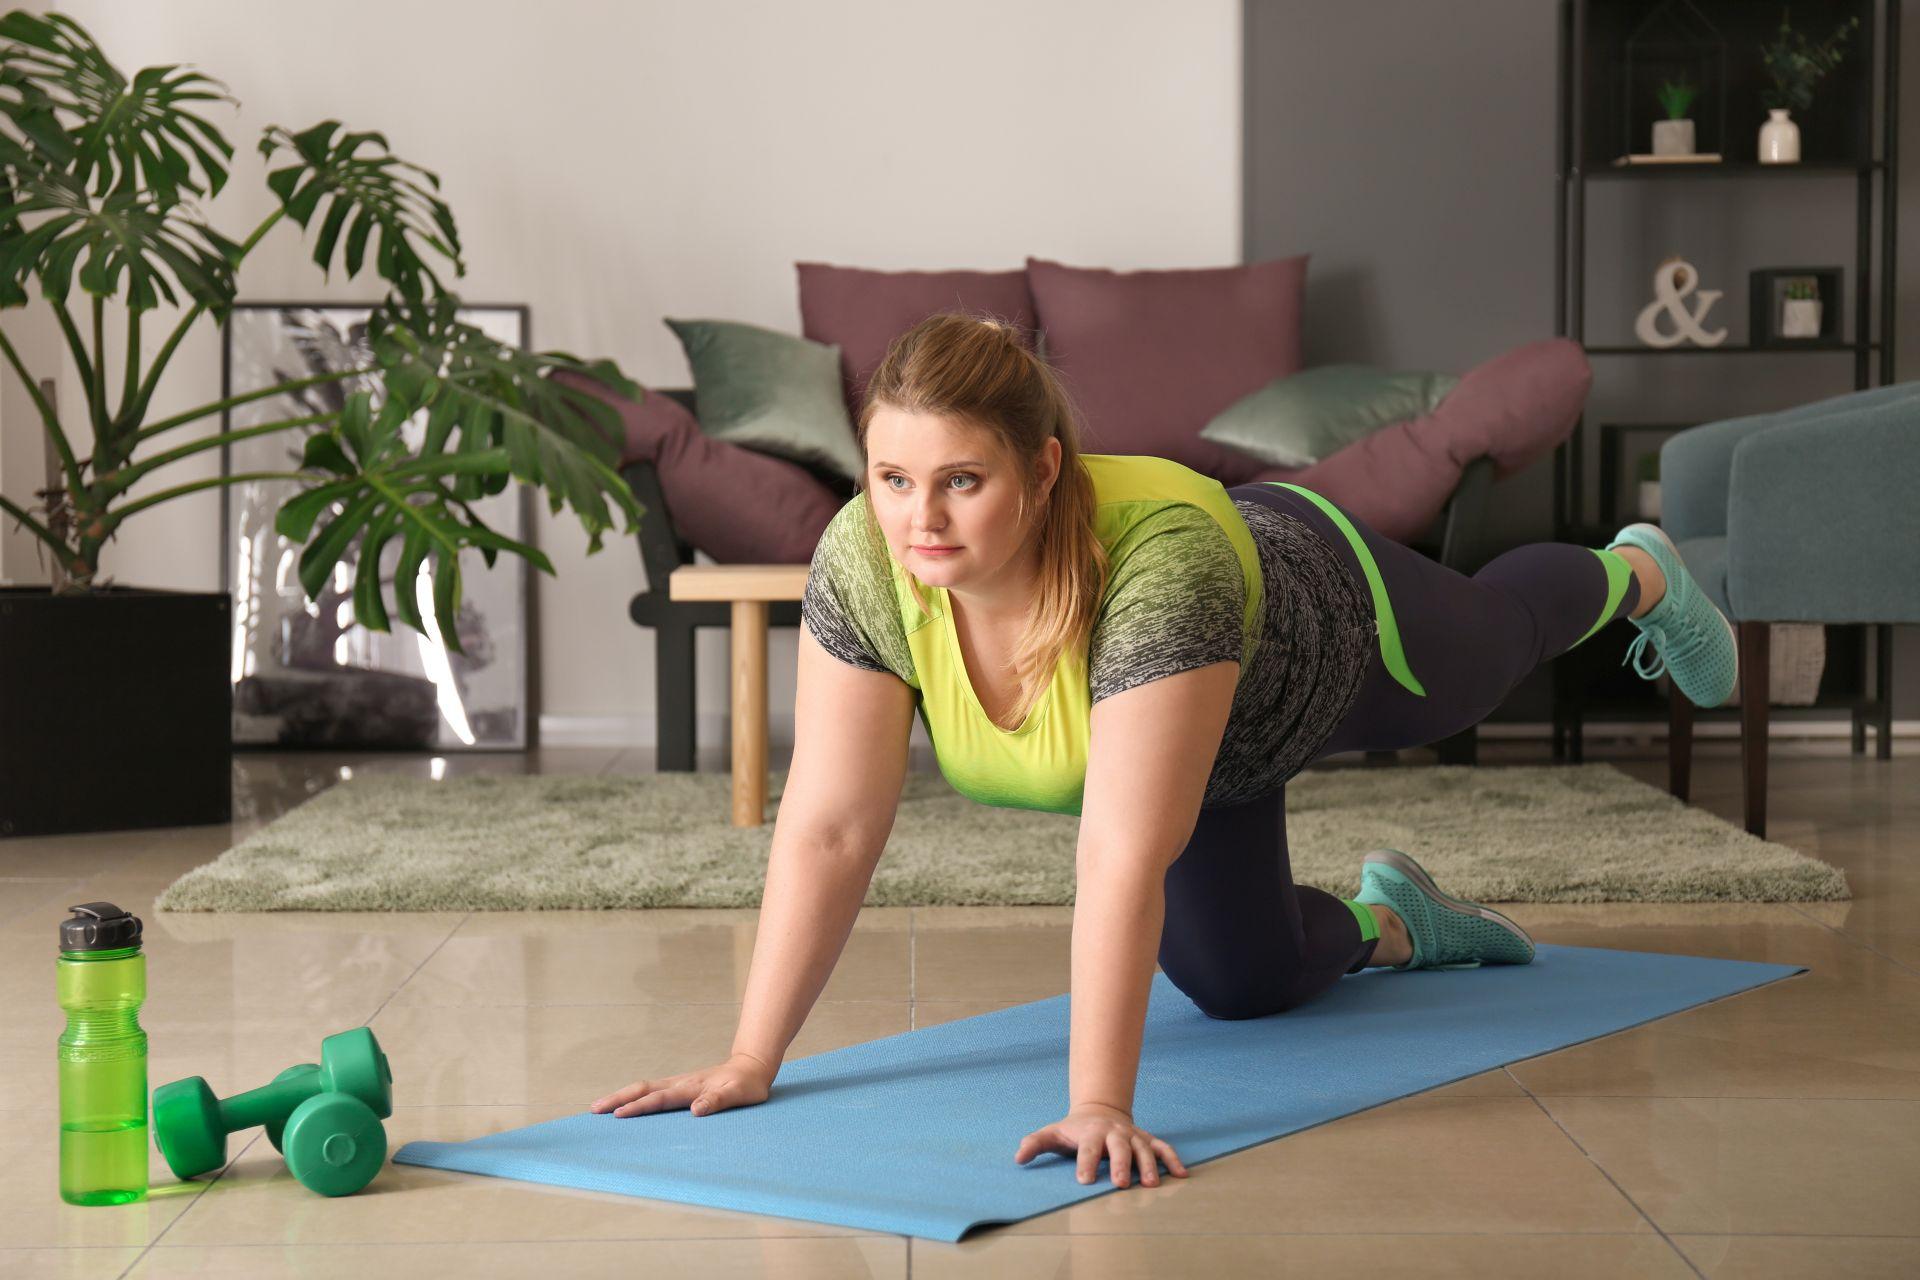 Przyczyny insulinooporności - otyłość i wysokokaloryczna dieta przyczyniają się do obniżenia wrażliwości tkanek na insulinę.